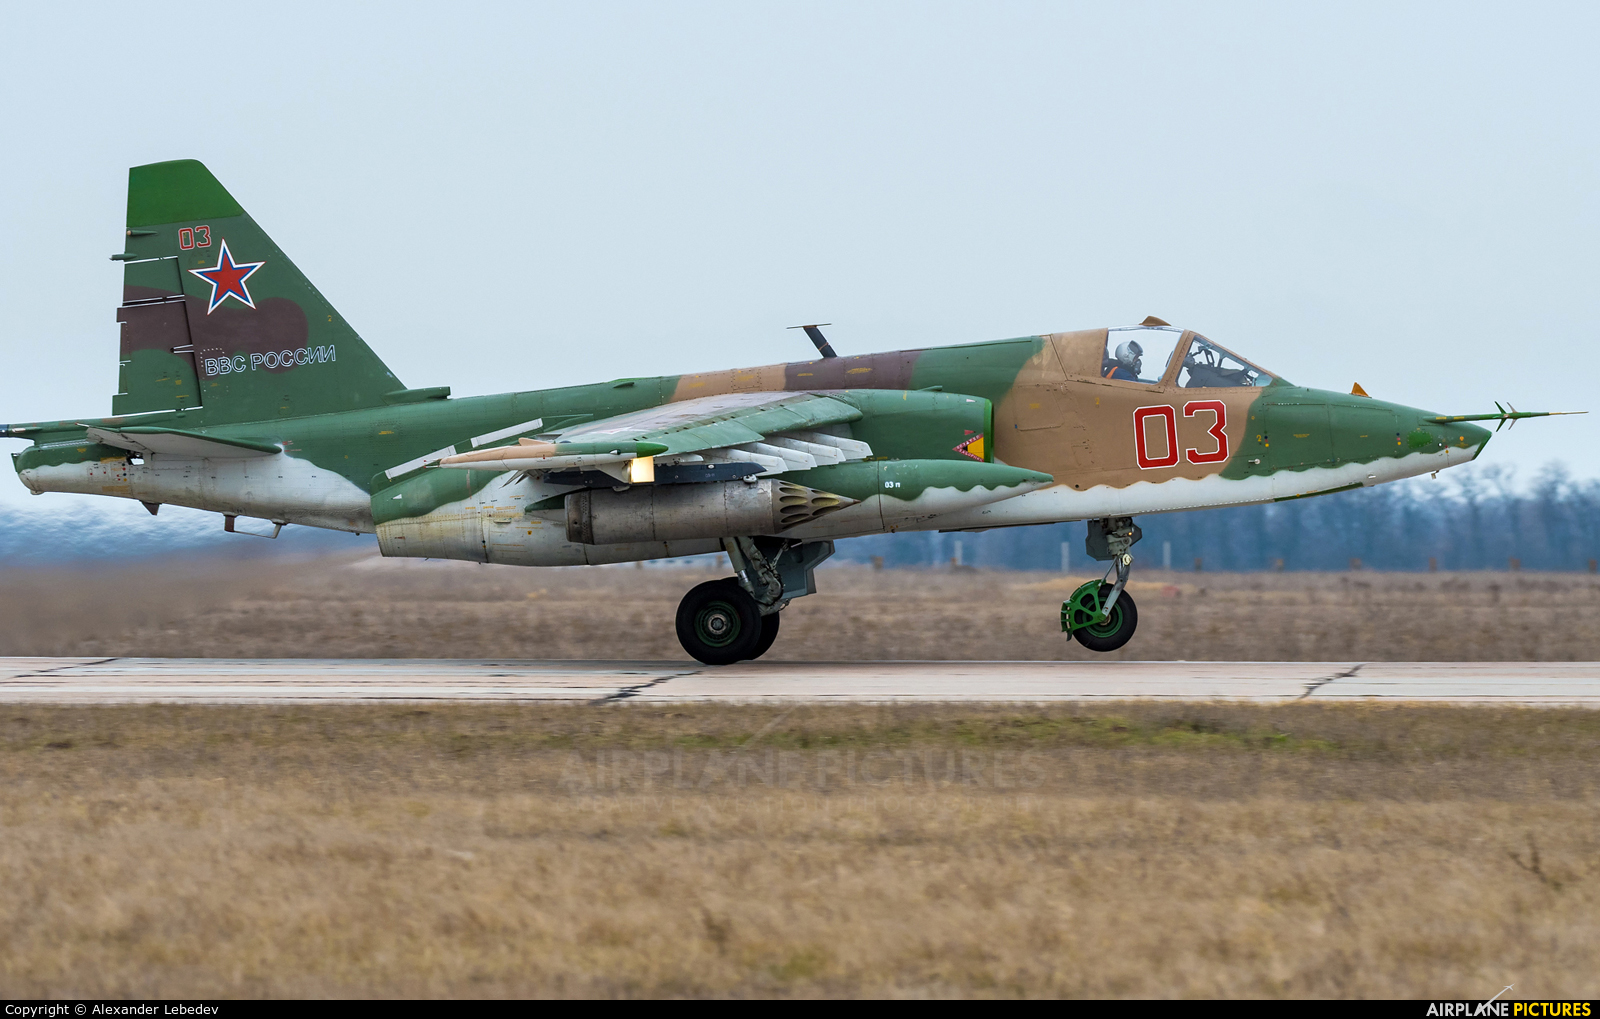 Russia - Air Force 03 aircraft at Primorsko-Akhtarsk